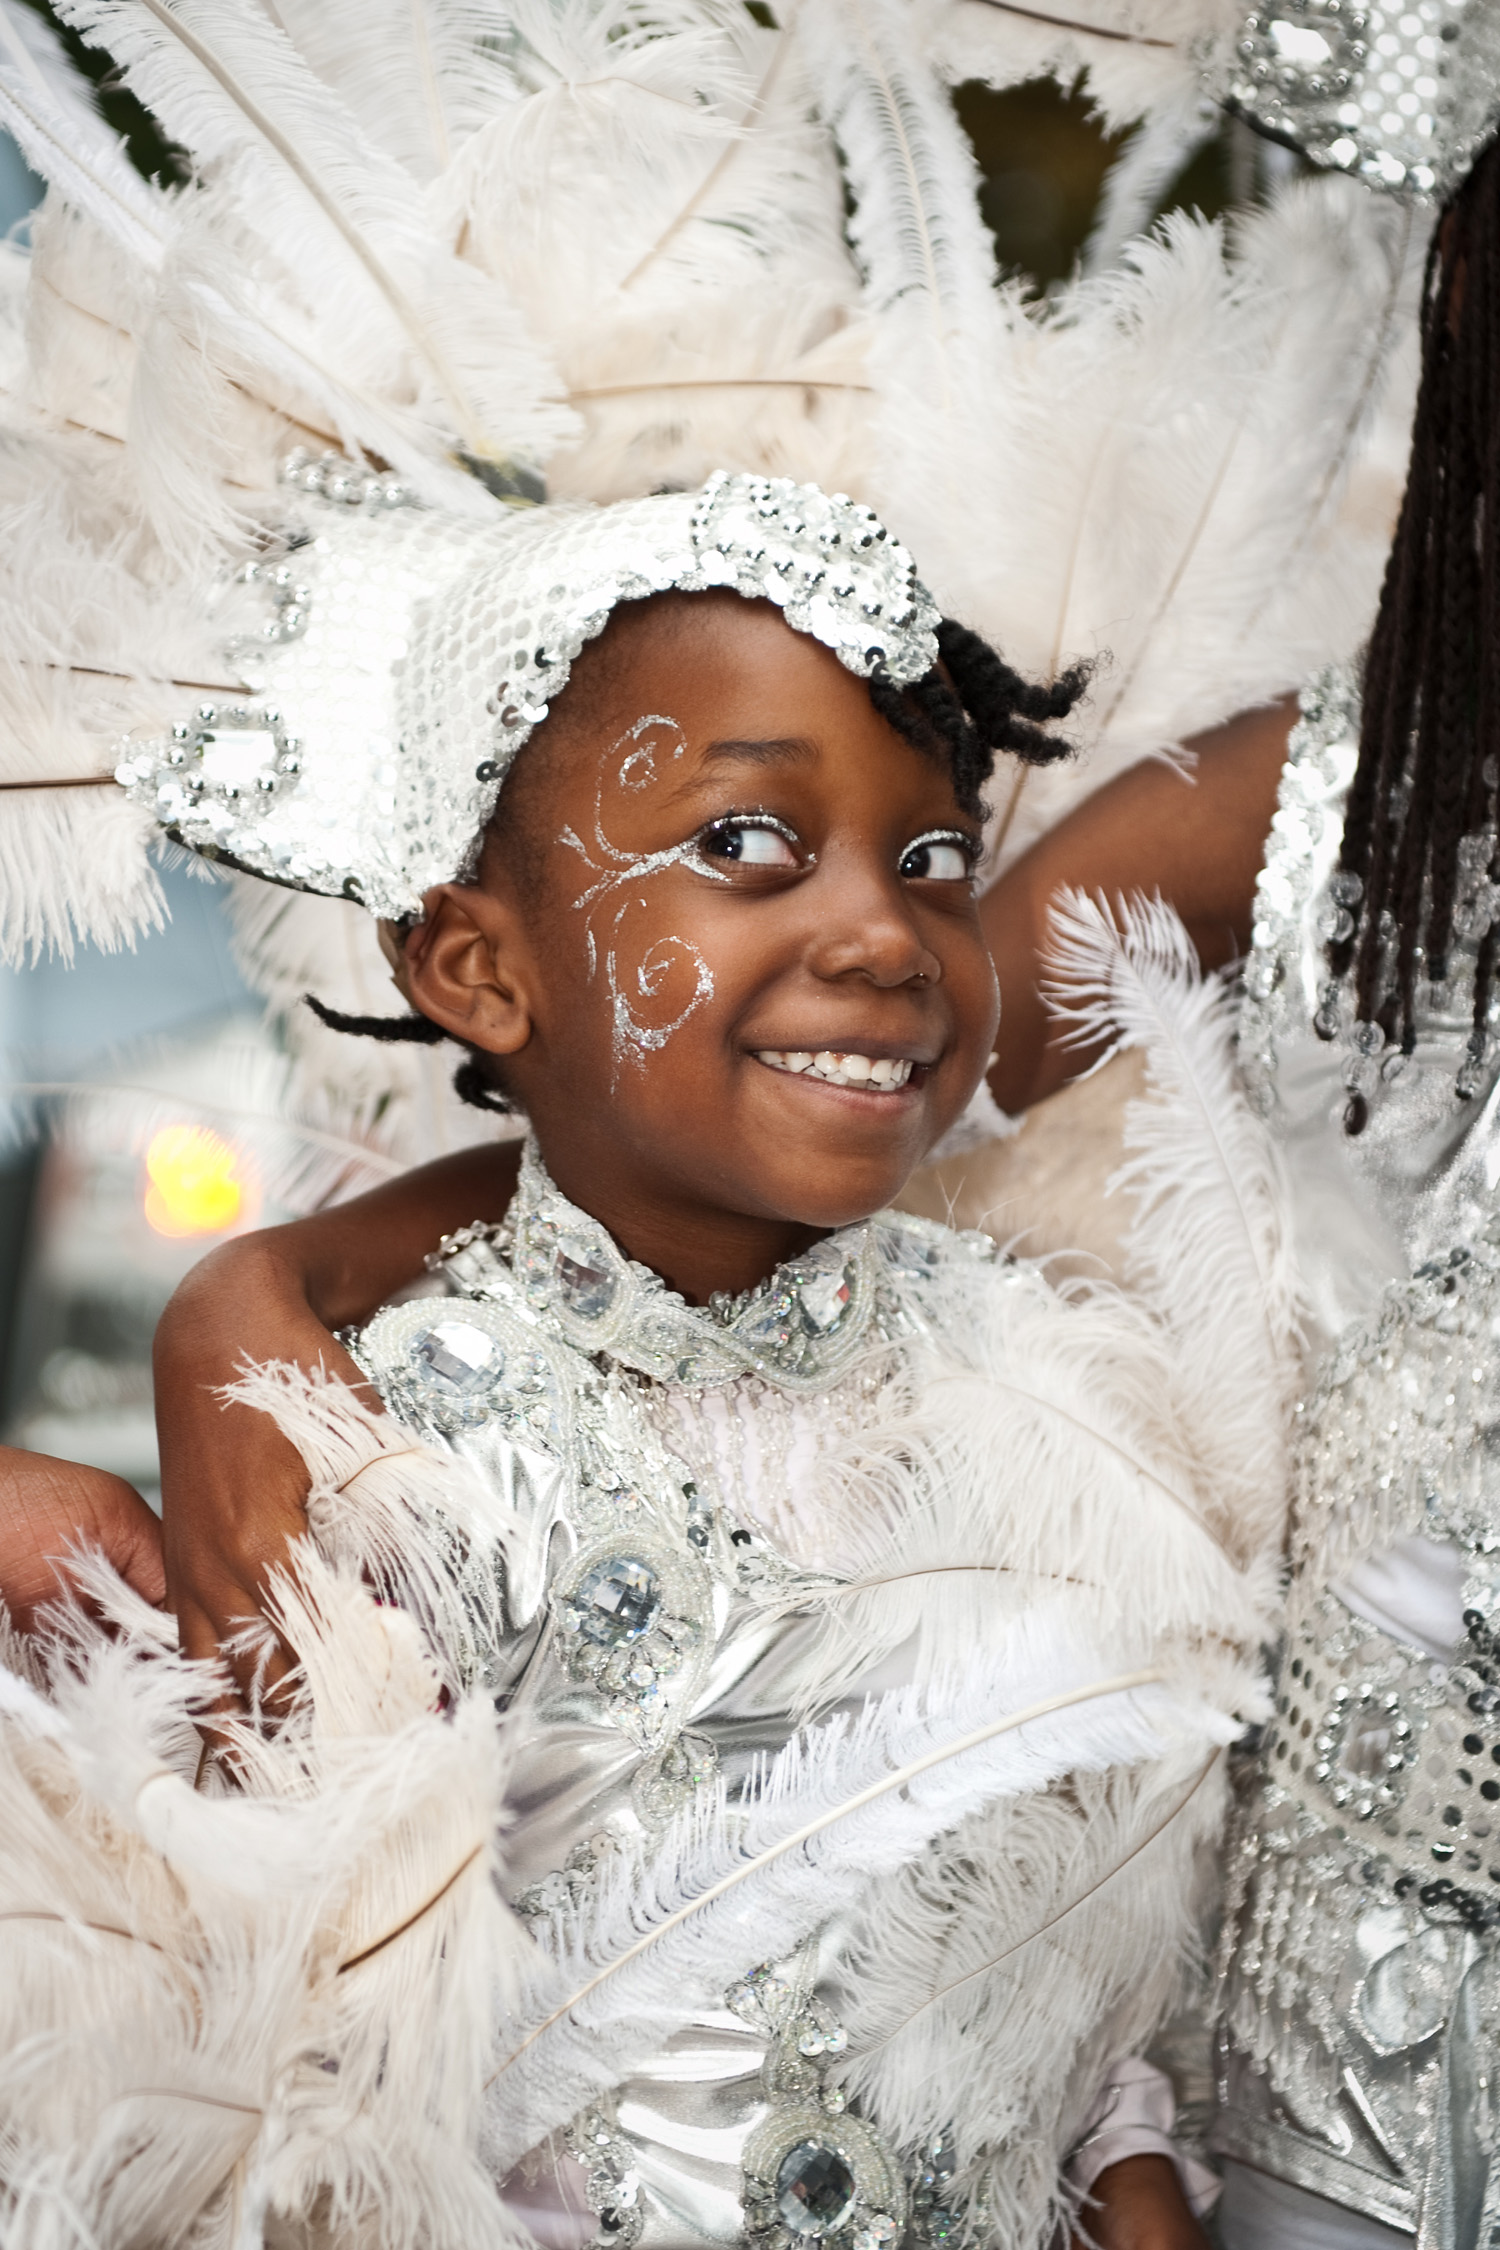 Carnival_the_Kids_14